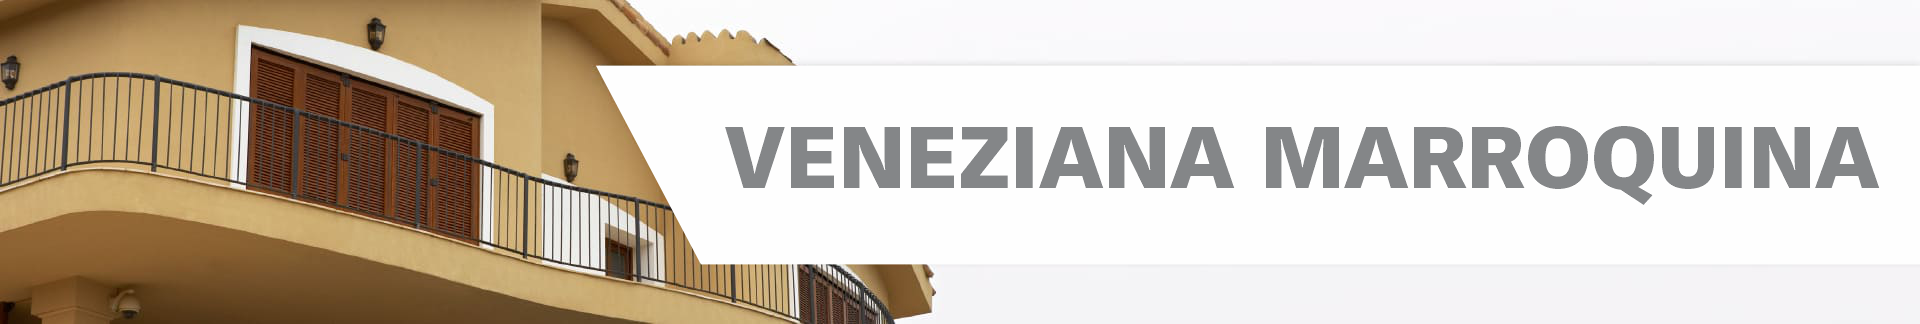 banner-veneziana-marroquina